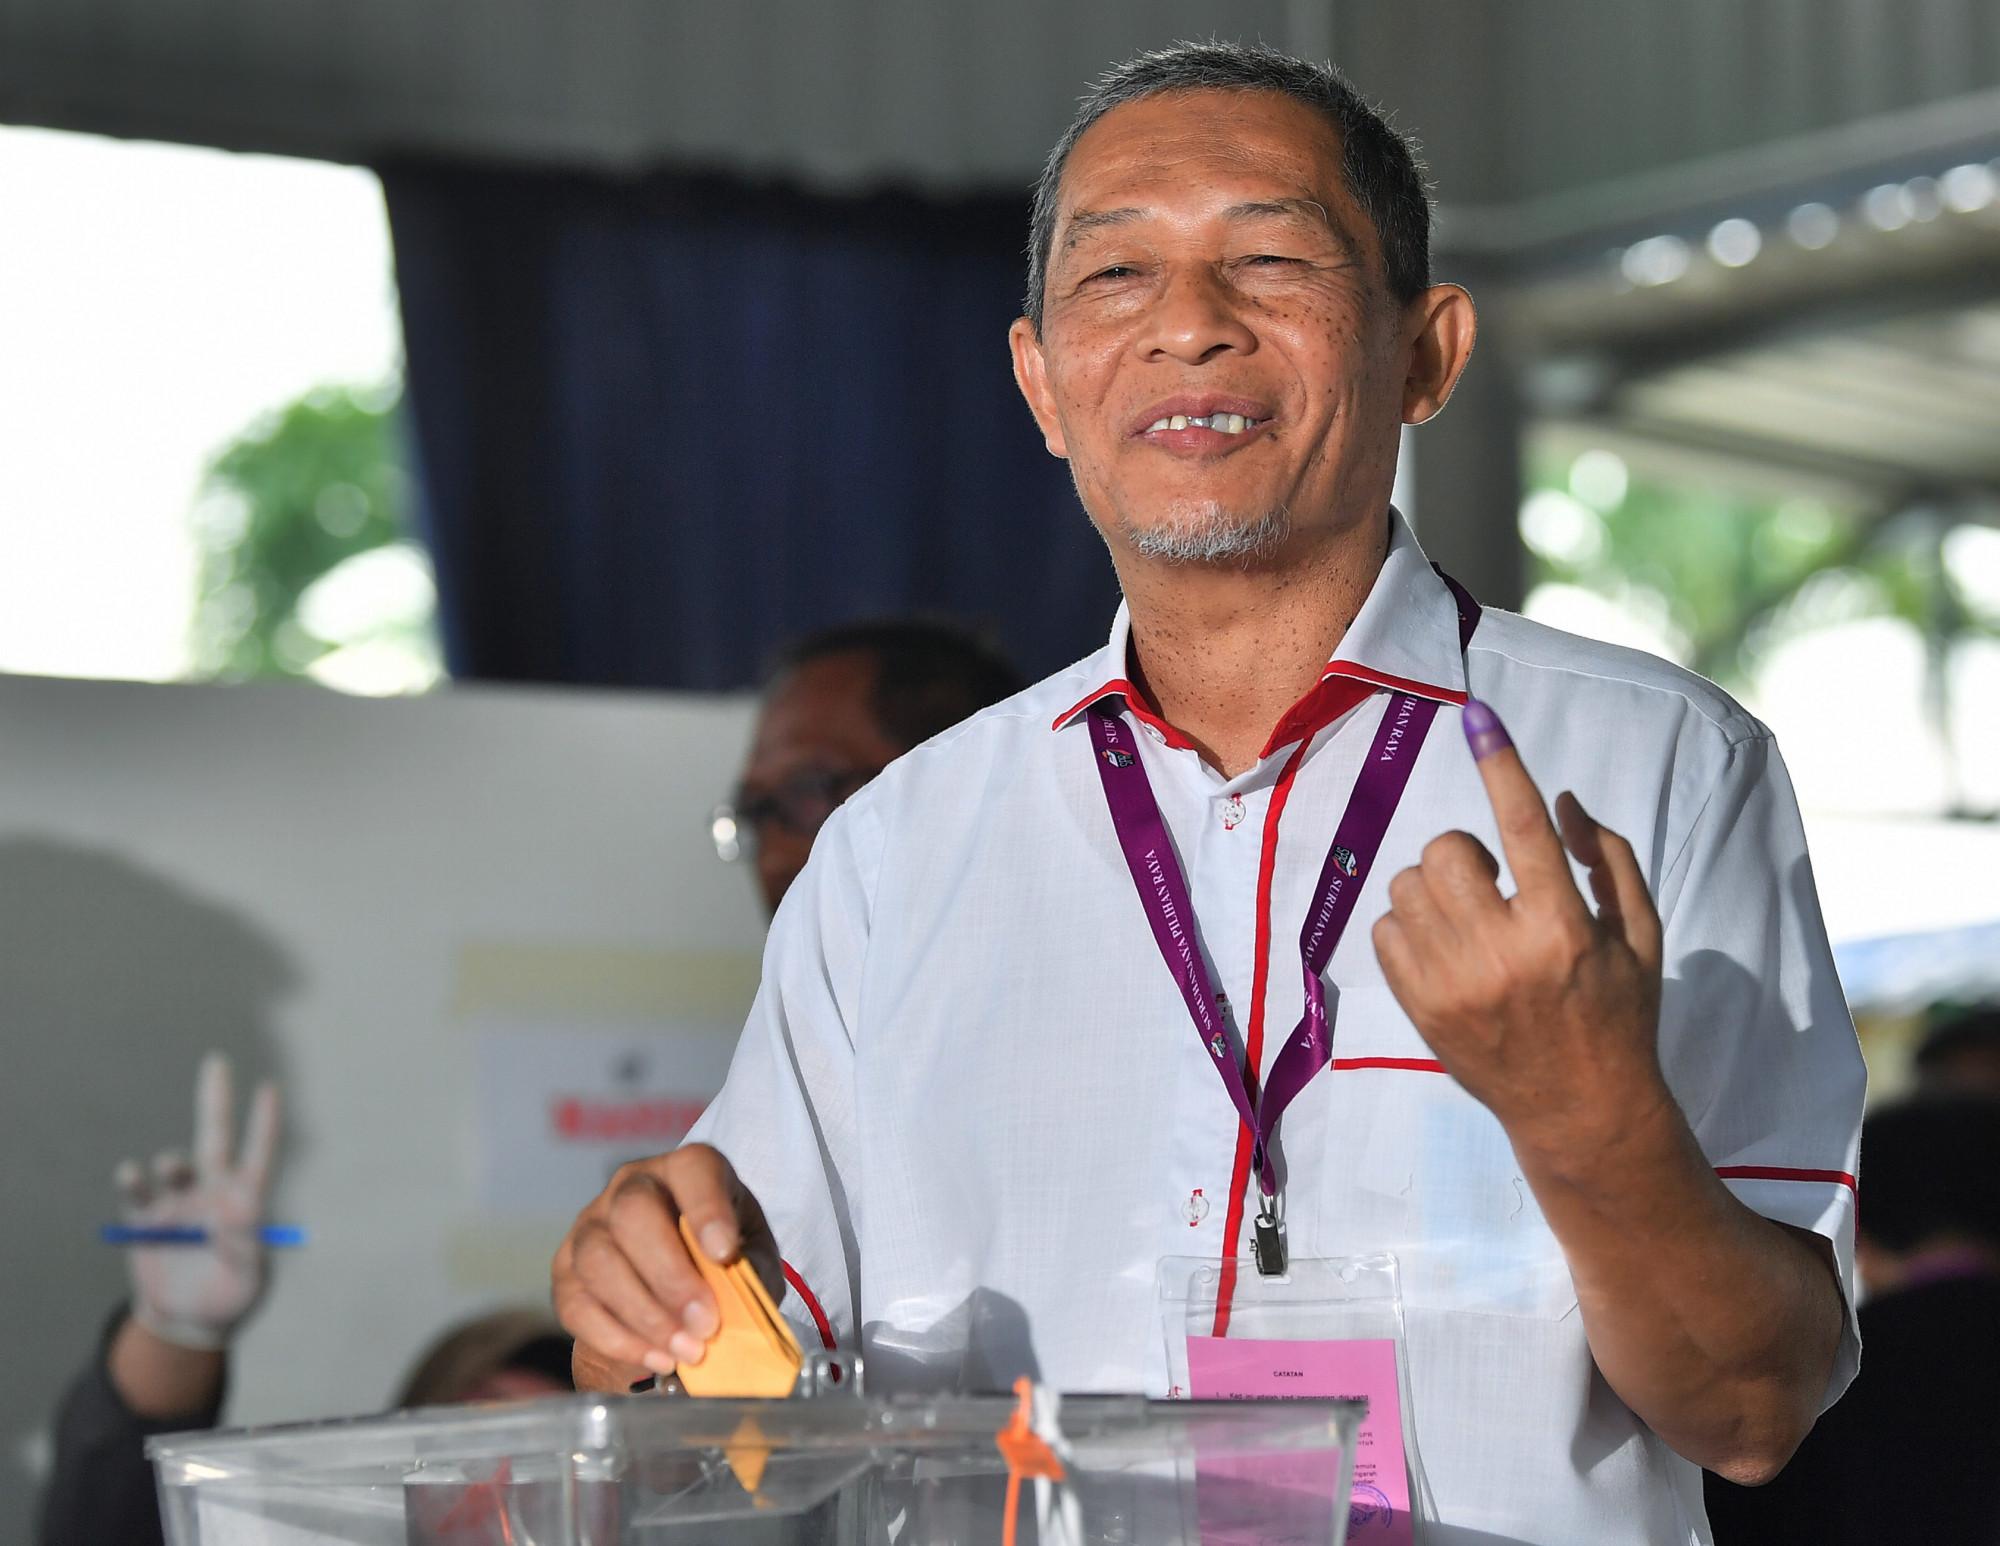 【丹绒比艾补选】笨珍出现投票人潮 当地民众居多游子人少